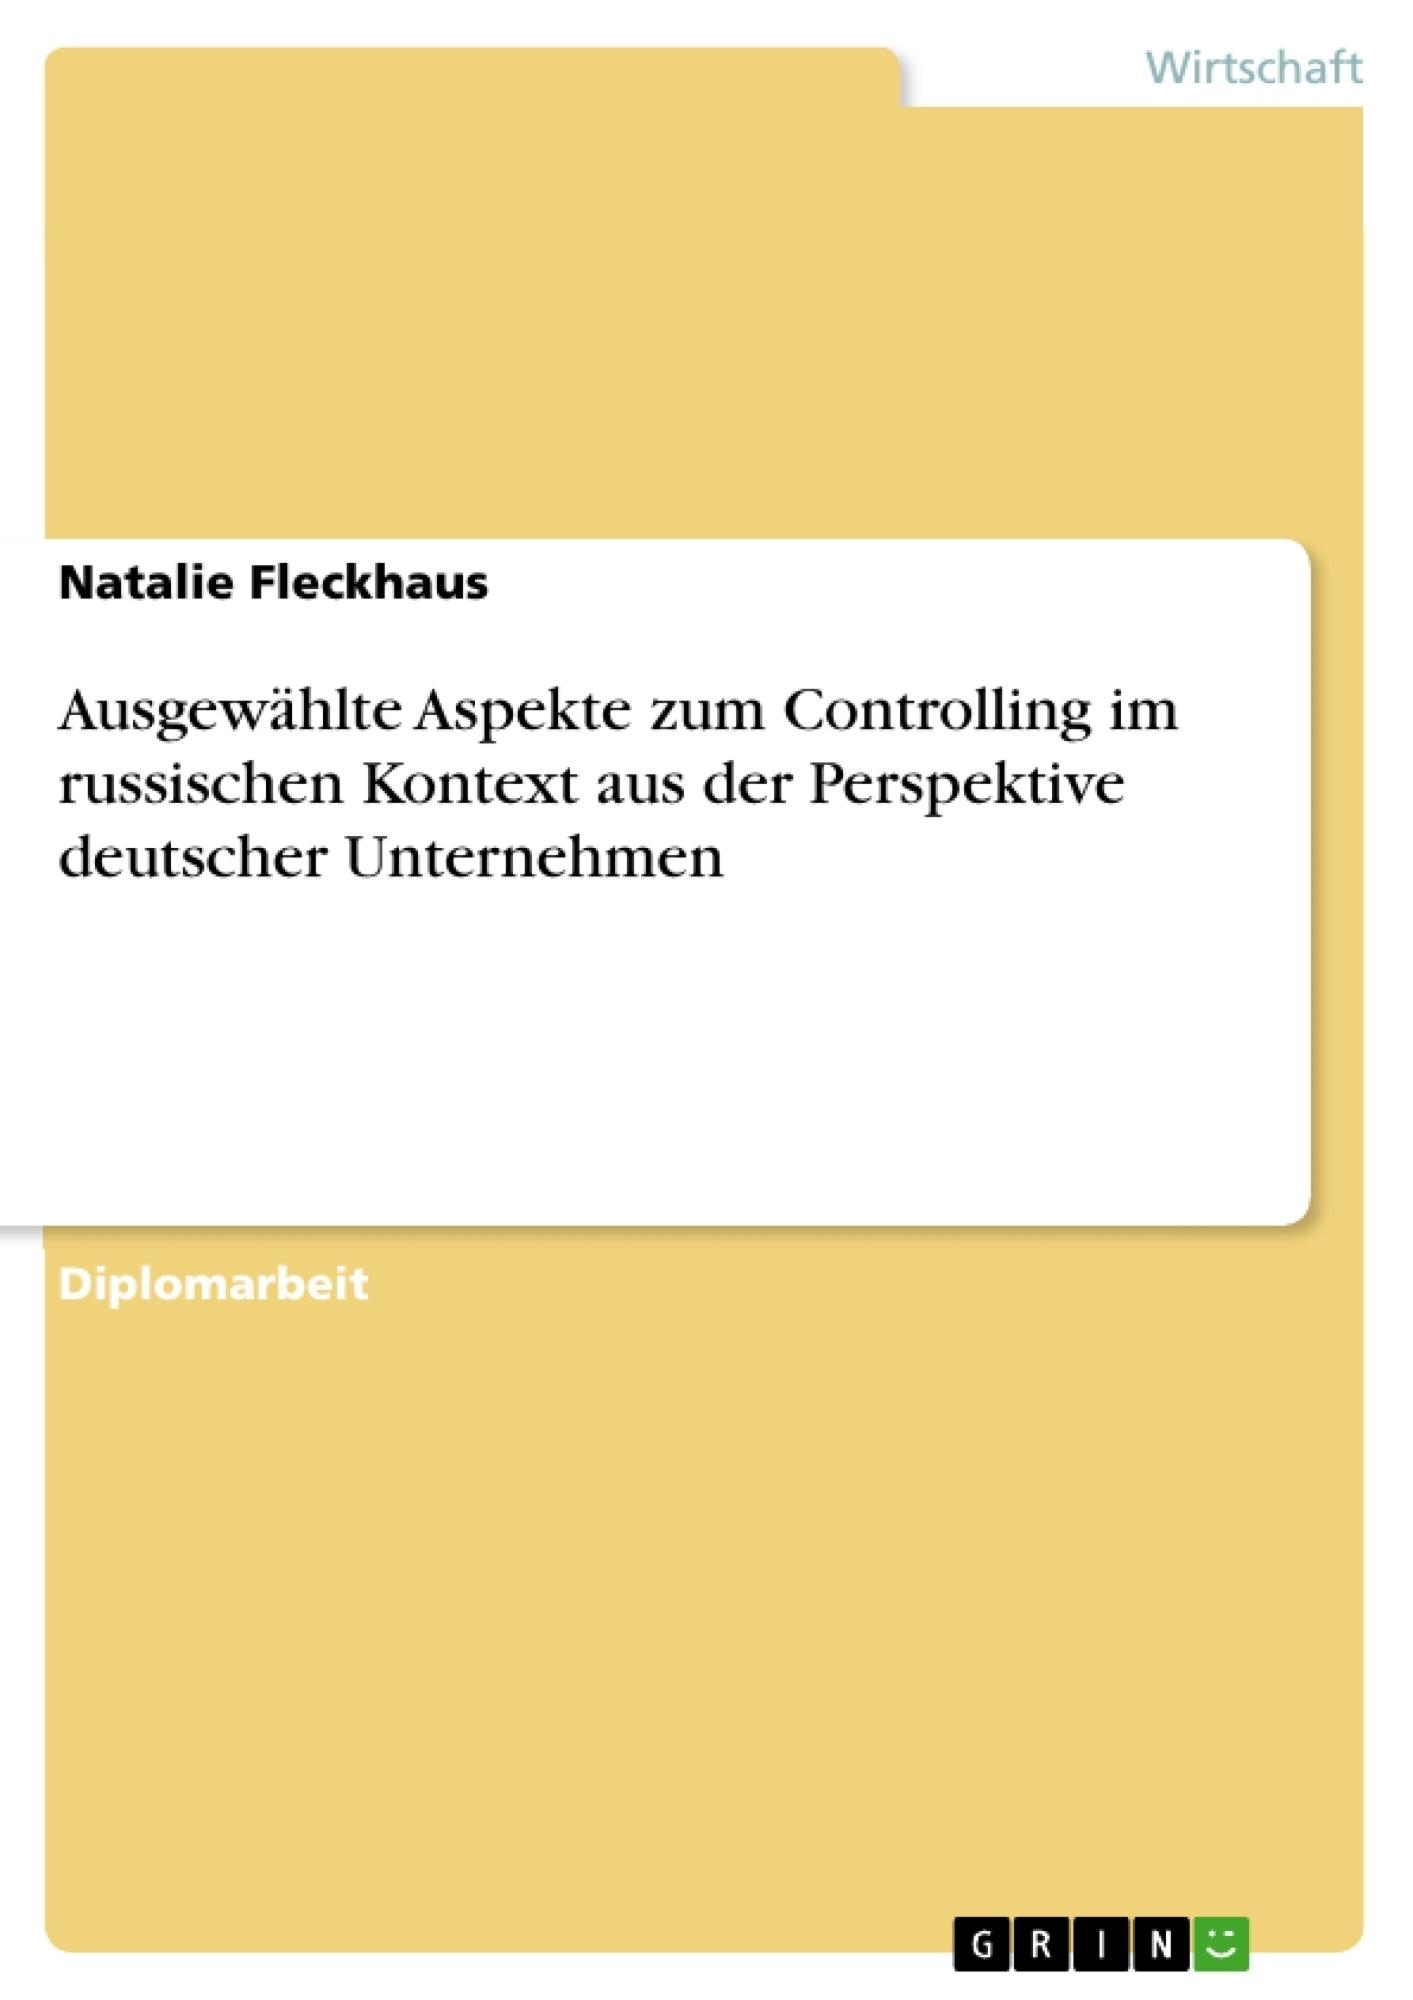 Titel: Ausgewählte Aspekte zum Controlling im russischen Kontext aus der Perspektive deutscher Unternehmen